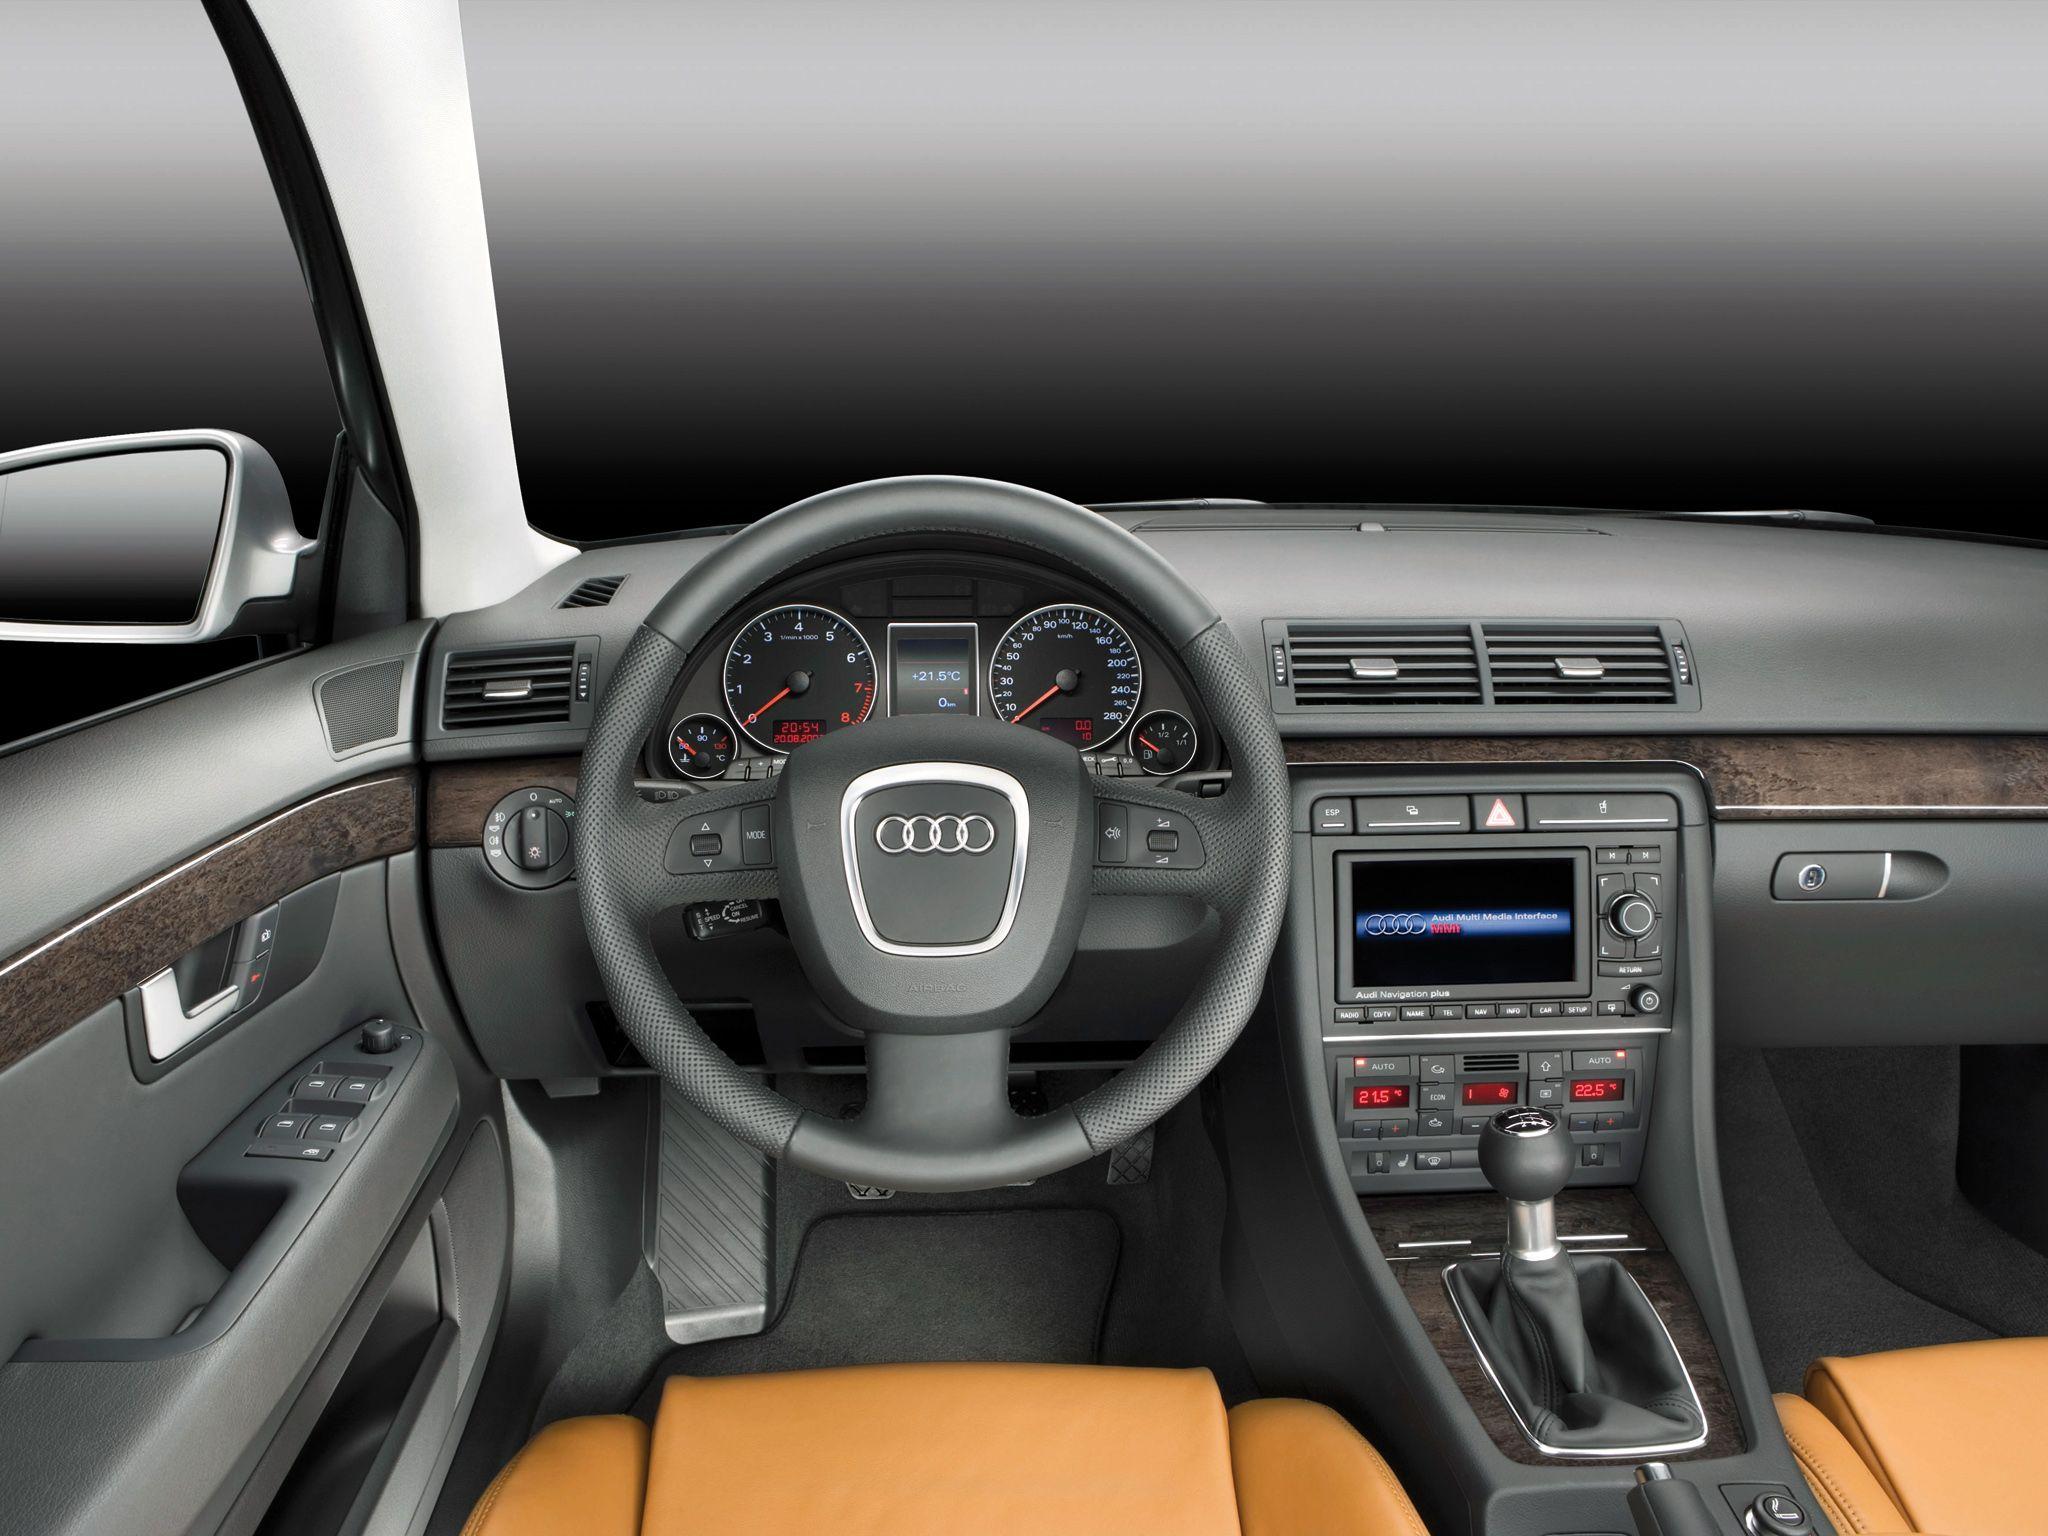 Audi A4 2 0t S Line Sedan B7 8e 2004 07 Autos Y Motos Autos Motos